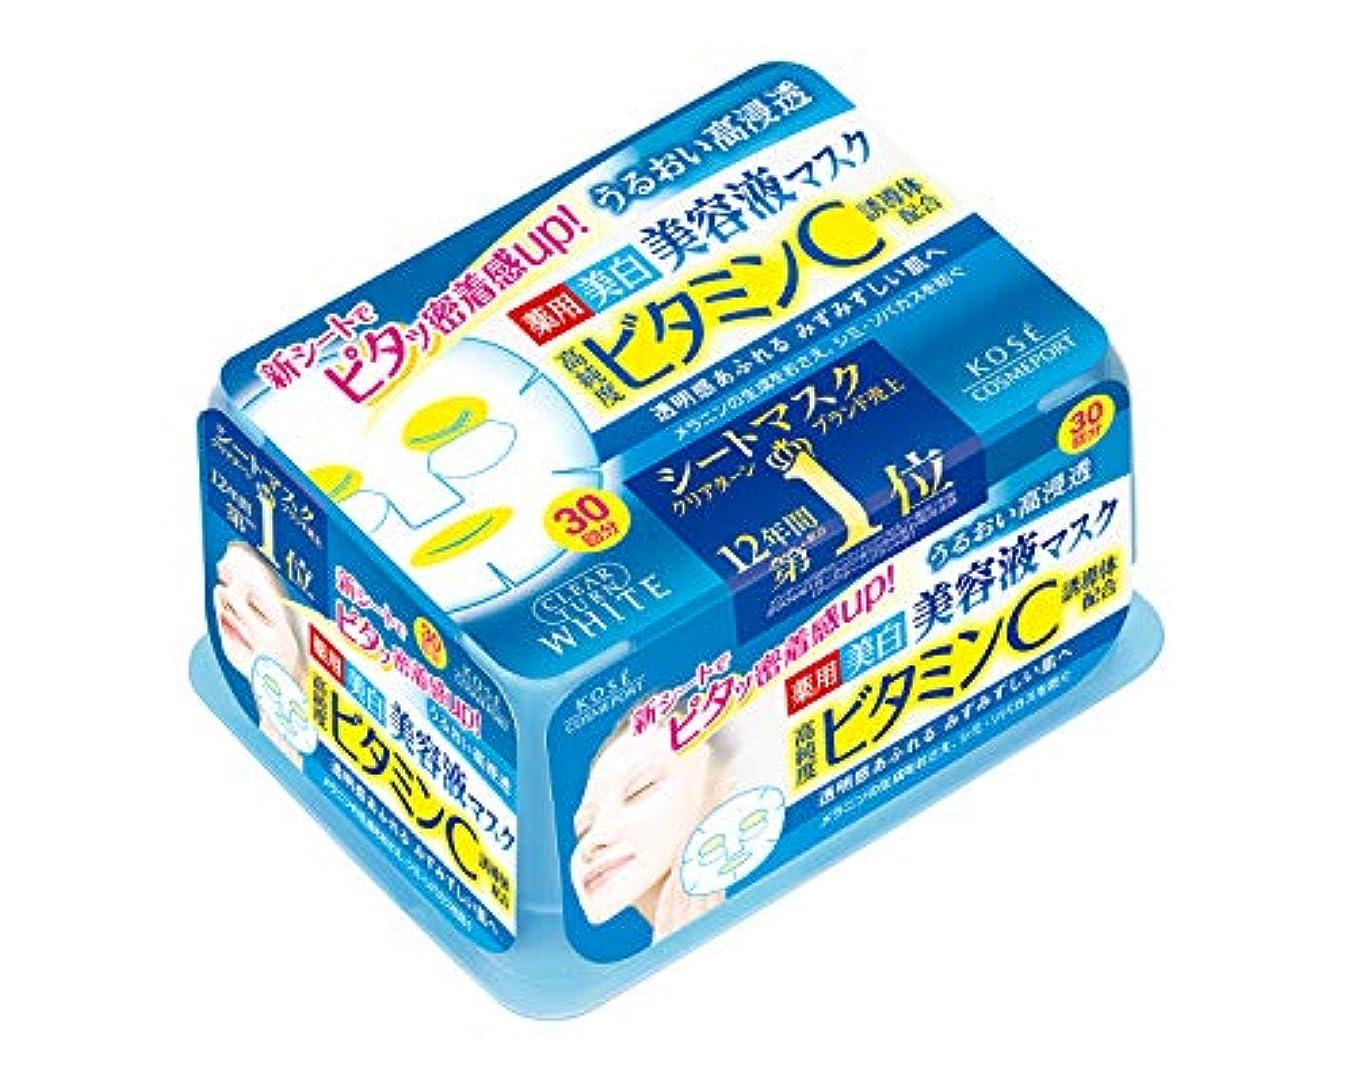 オーナメント有能な我慢するKOSE クリアターン エッセンスマスク (ビタミンC) 30回分